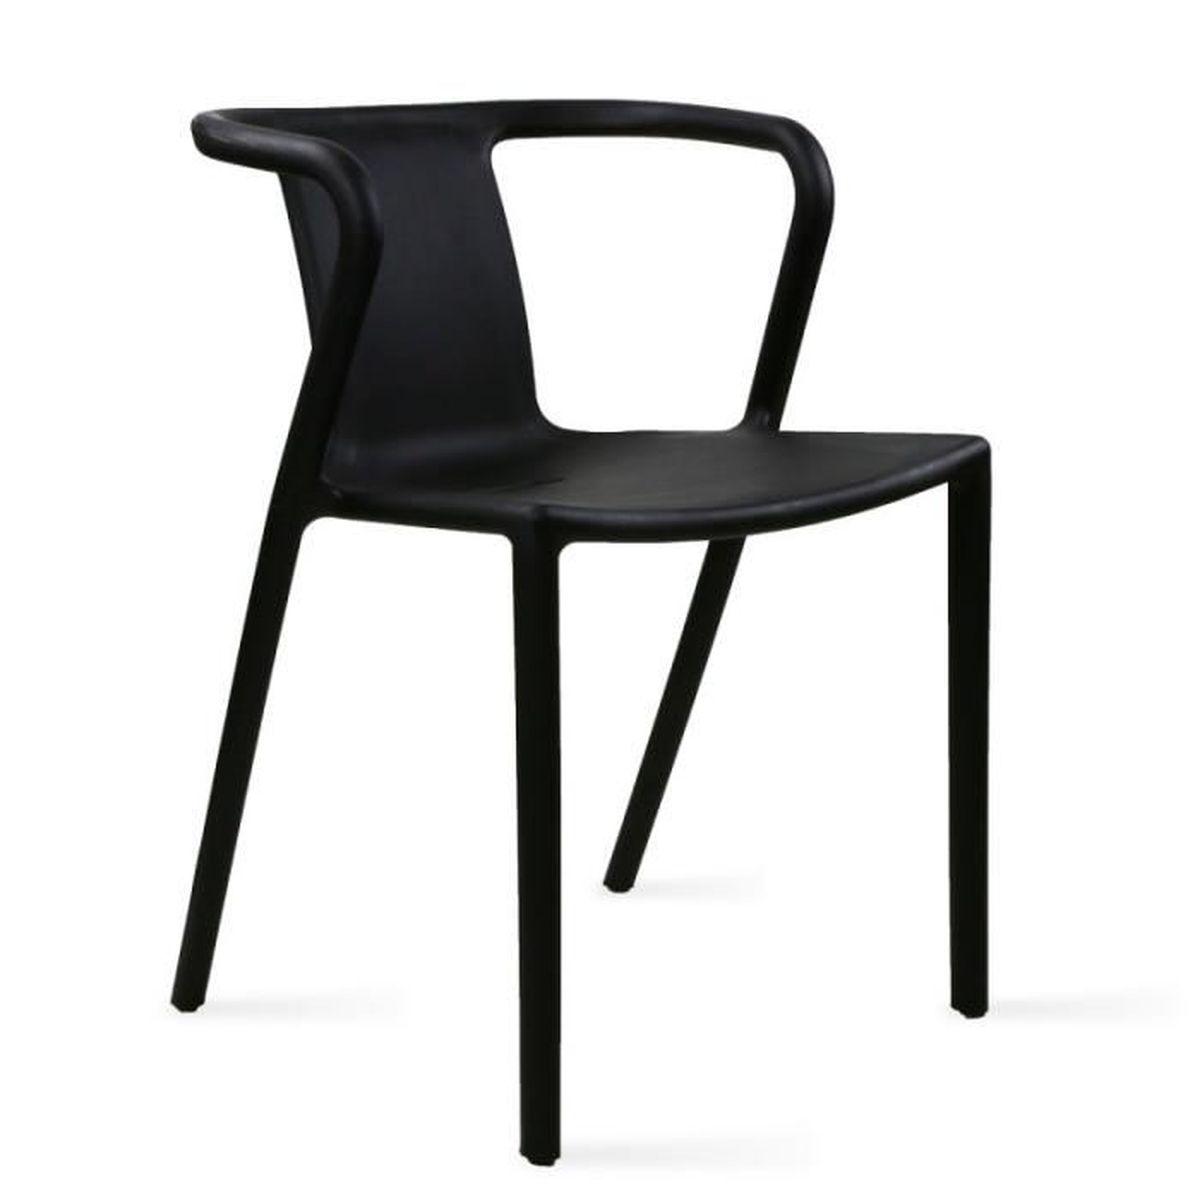 Chaise de jardin design en plastique Noir - Achat / Vente fauteuil ...